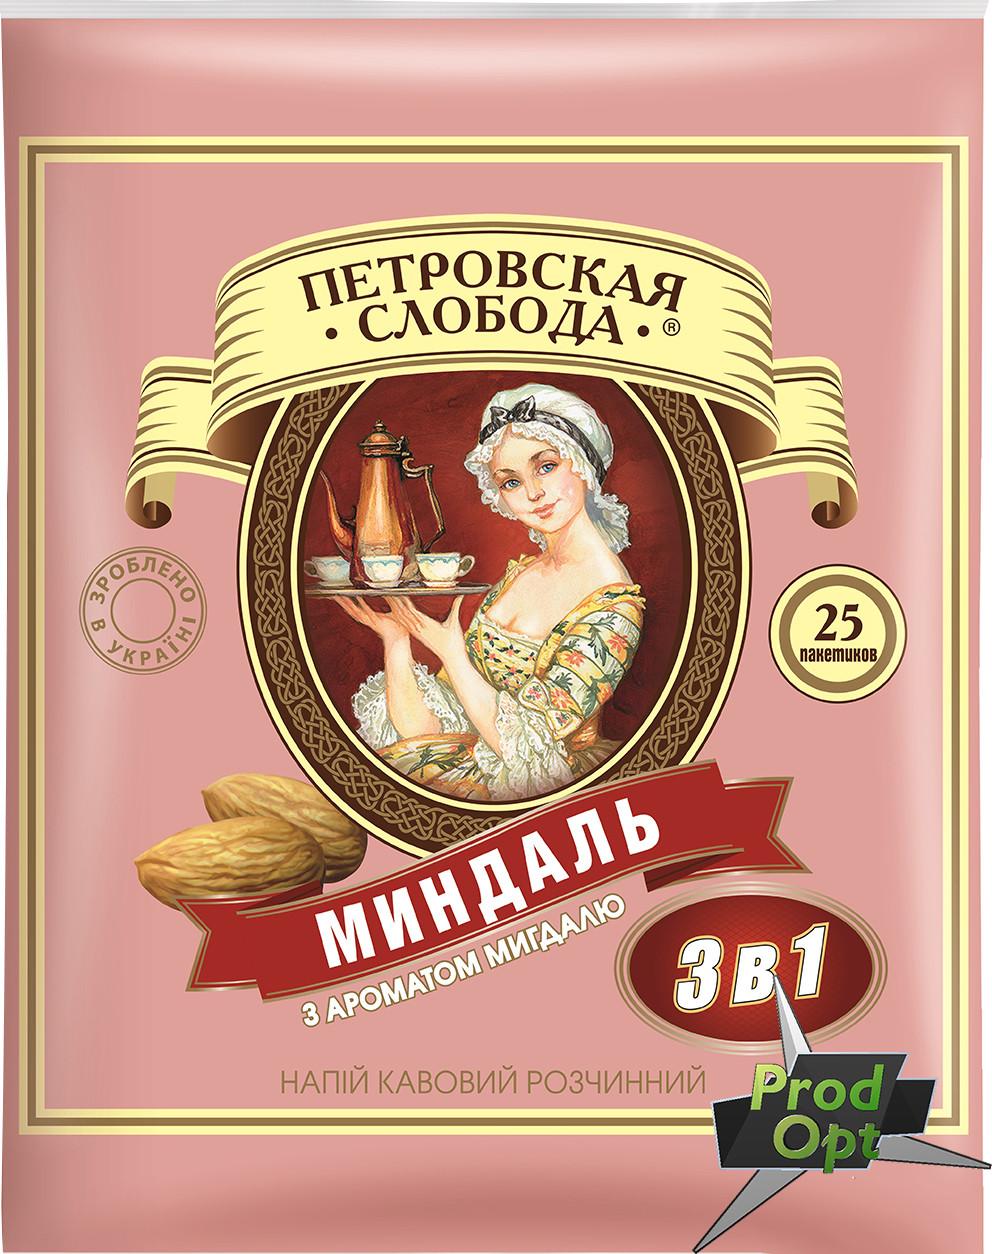 Кава розчинна Петровська Слобода 3в1 мигдаль 25 пакетів